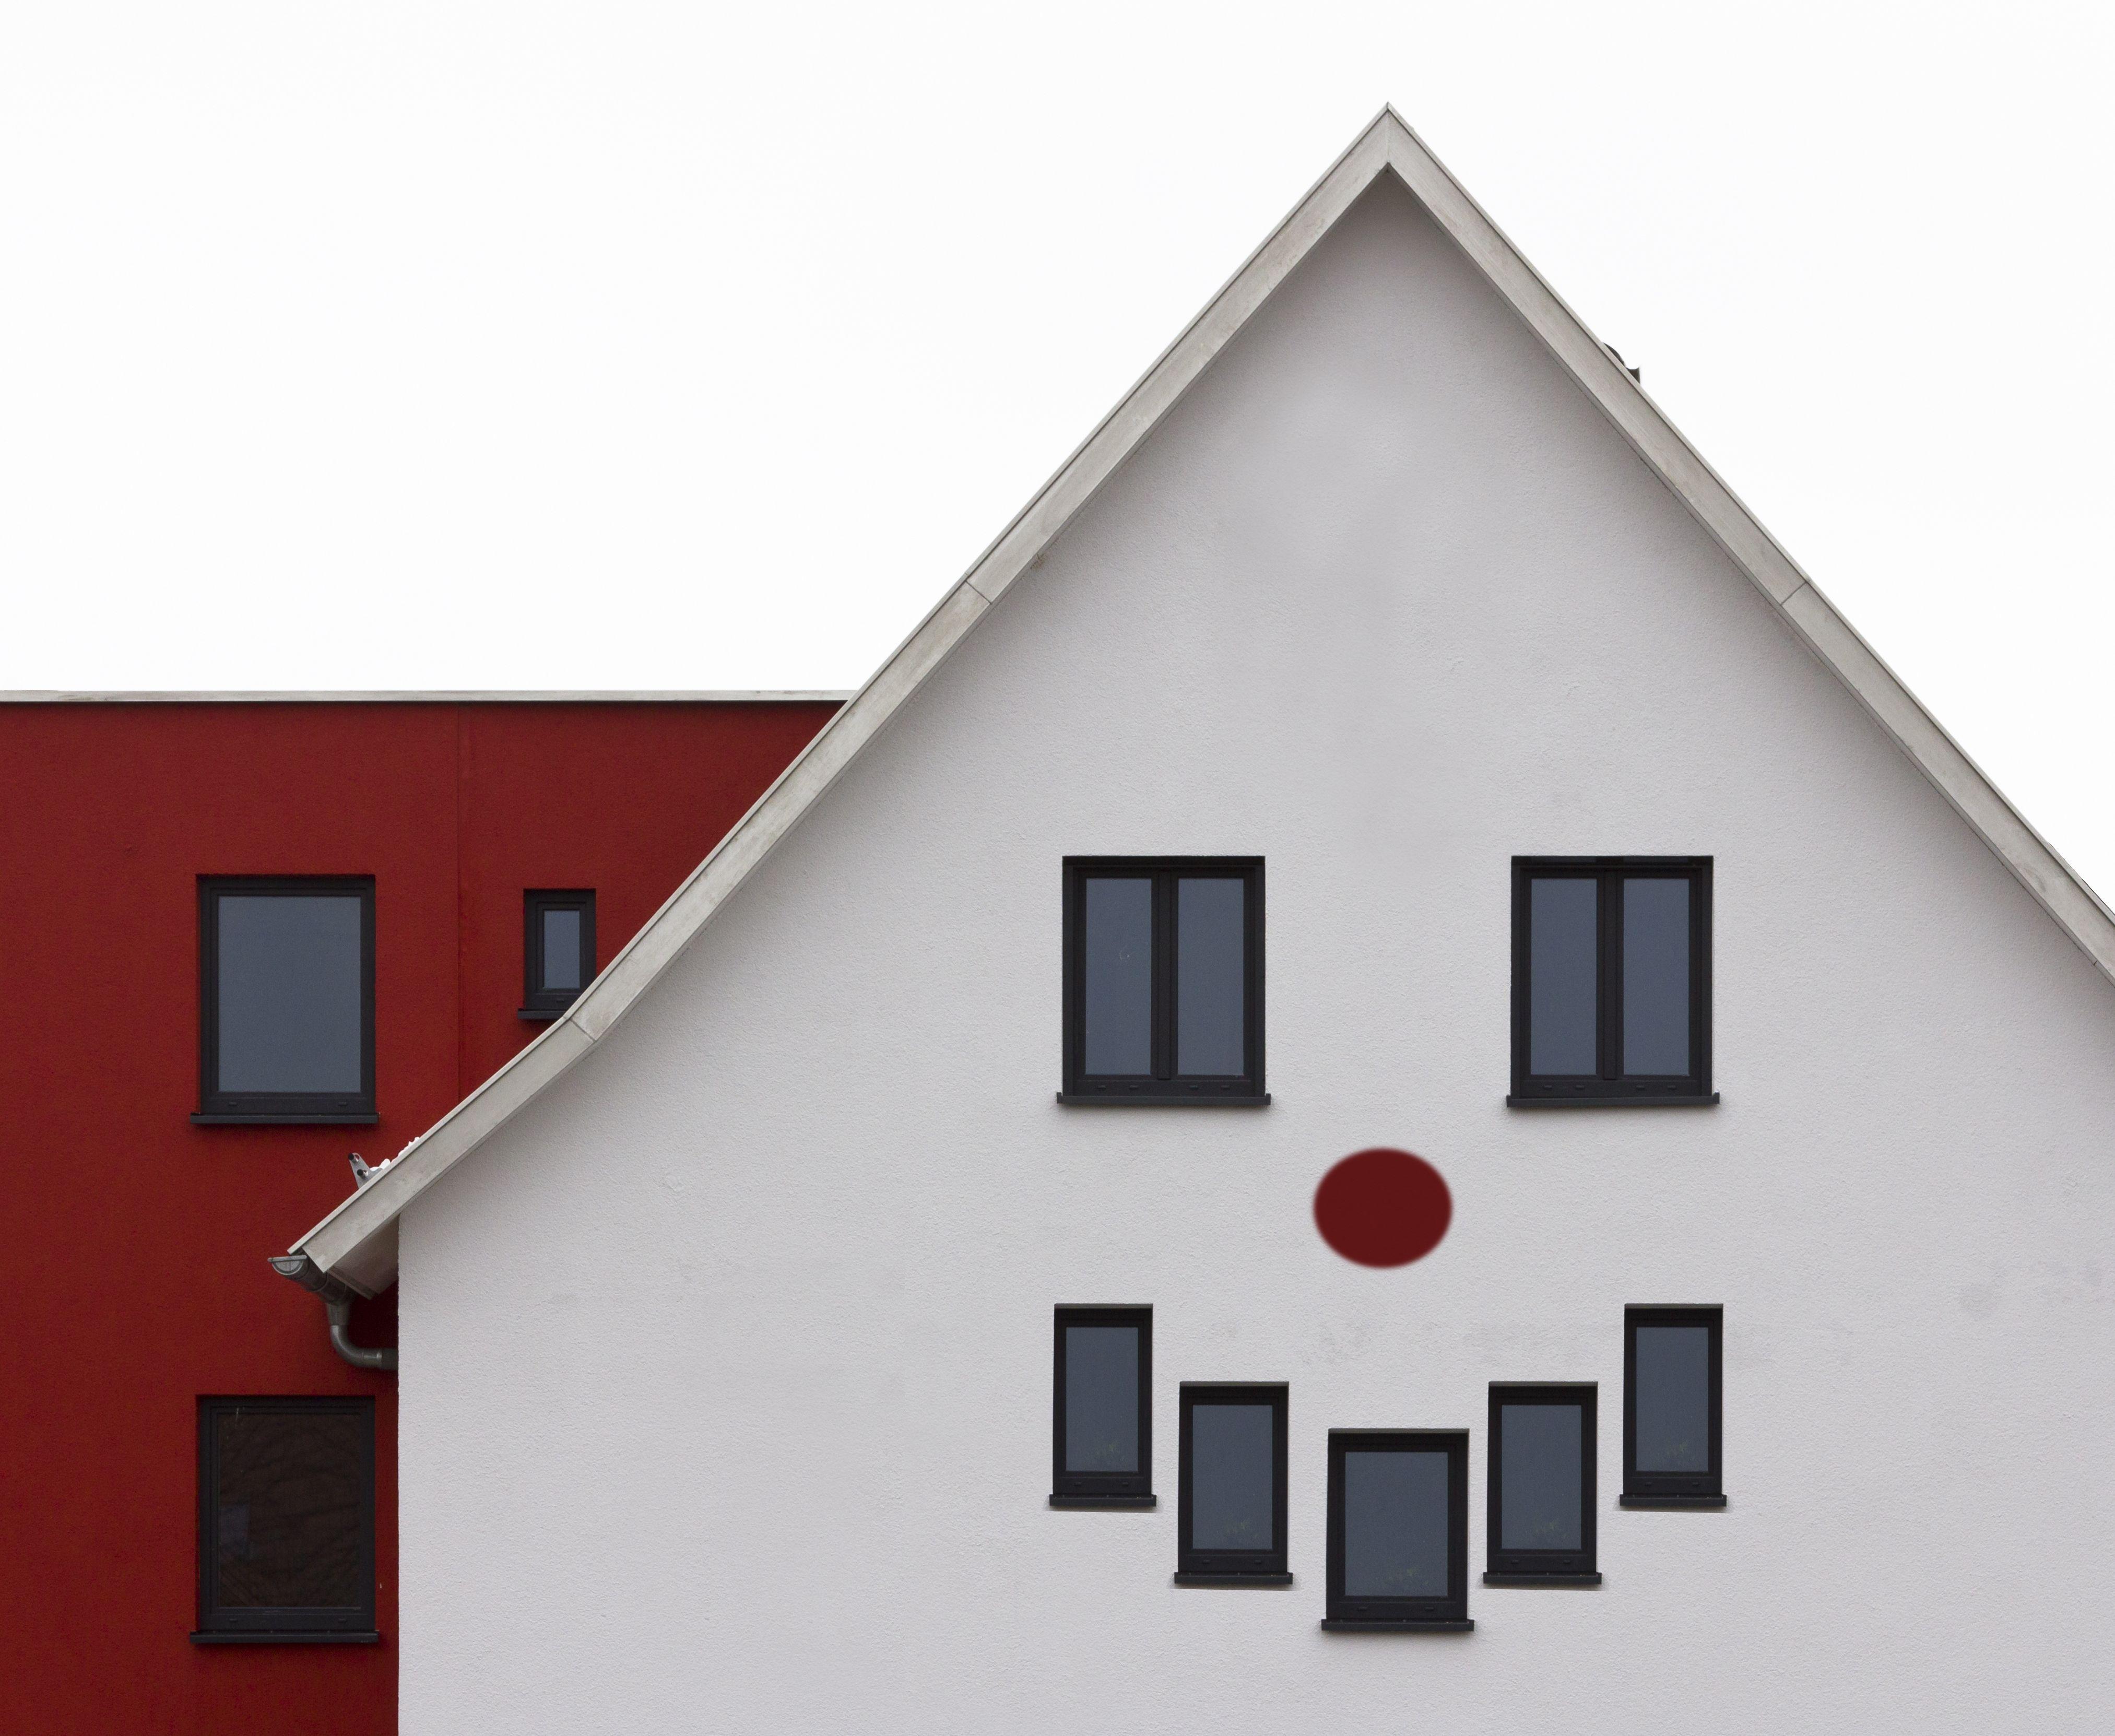 Edificios que parecen tener cara